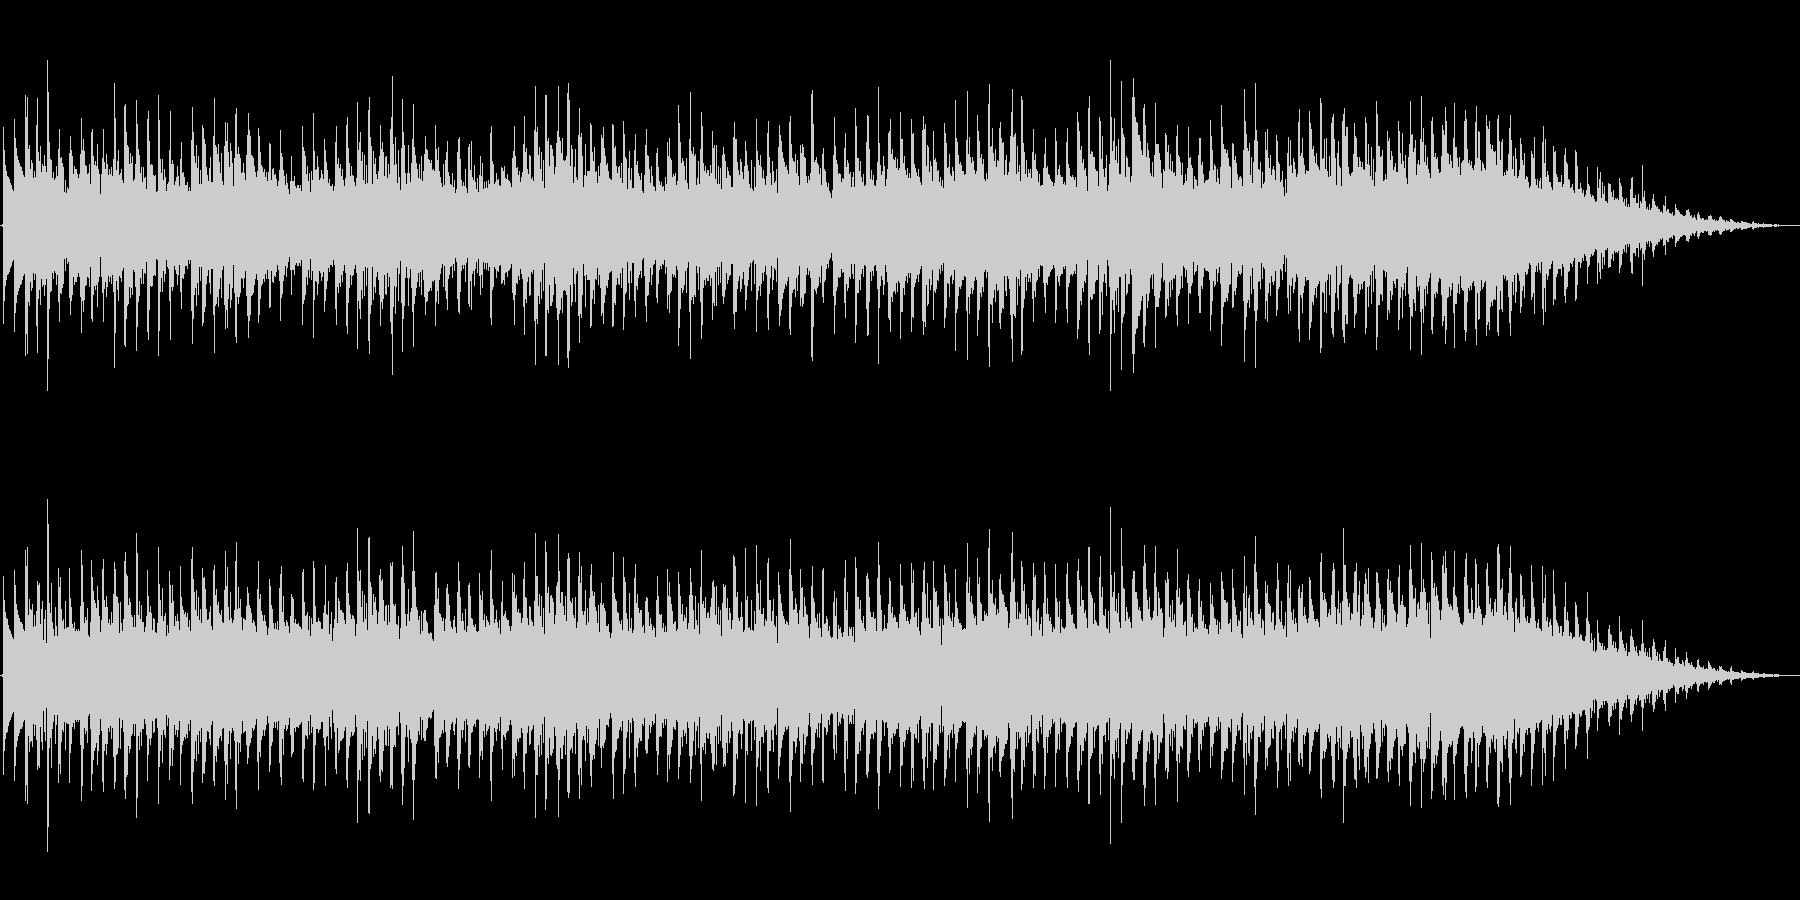 レトロ感のあるアナログシンセの音の未再生の波形